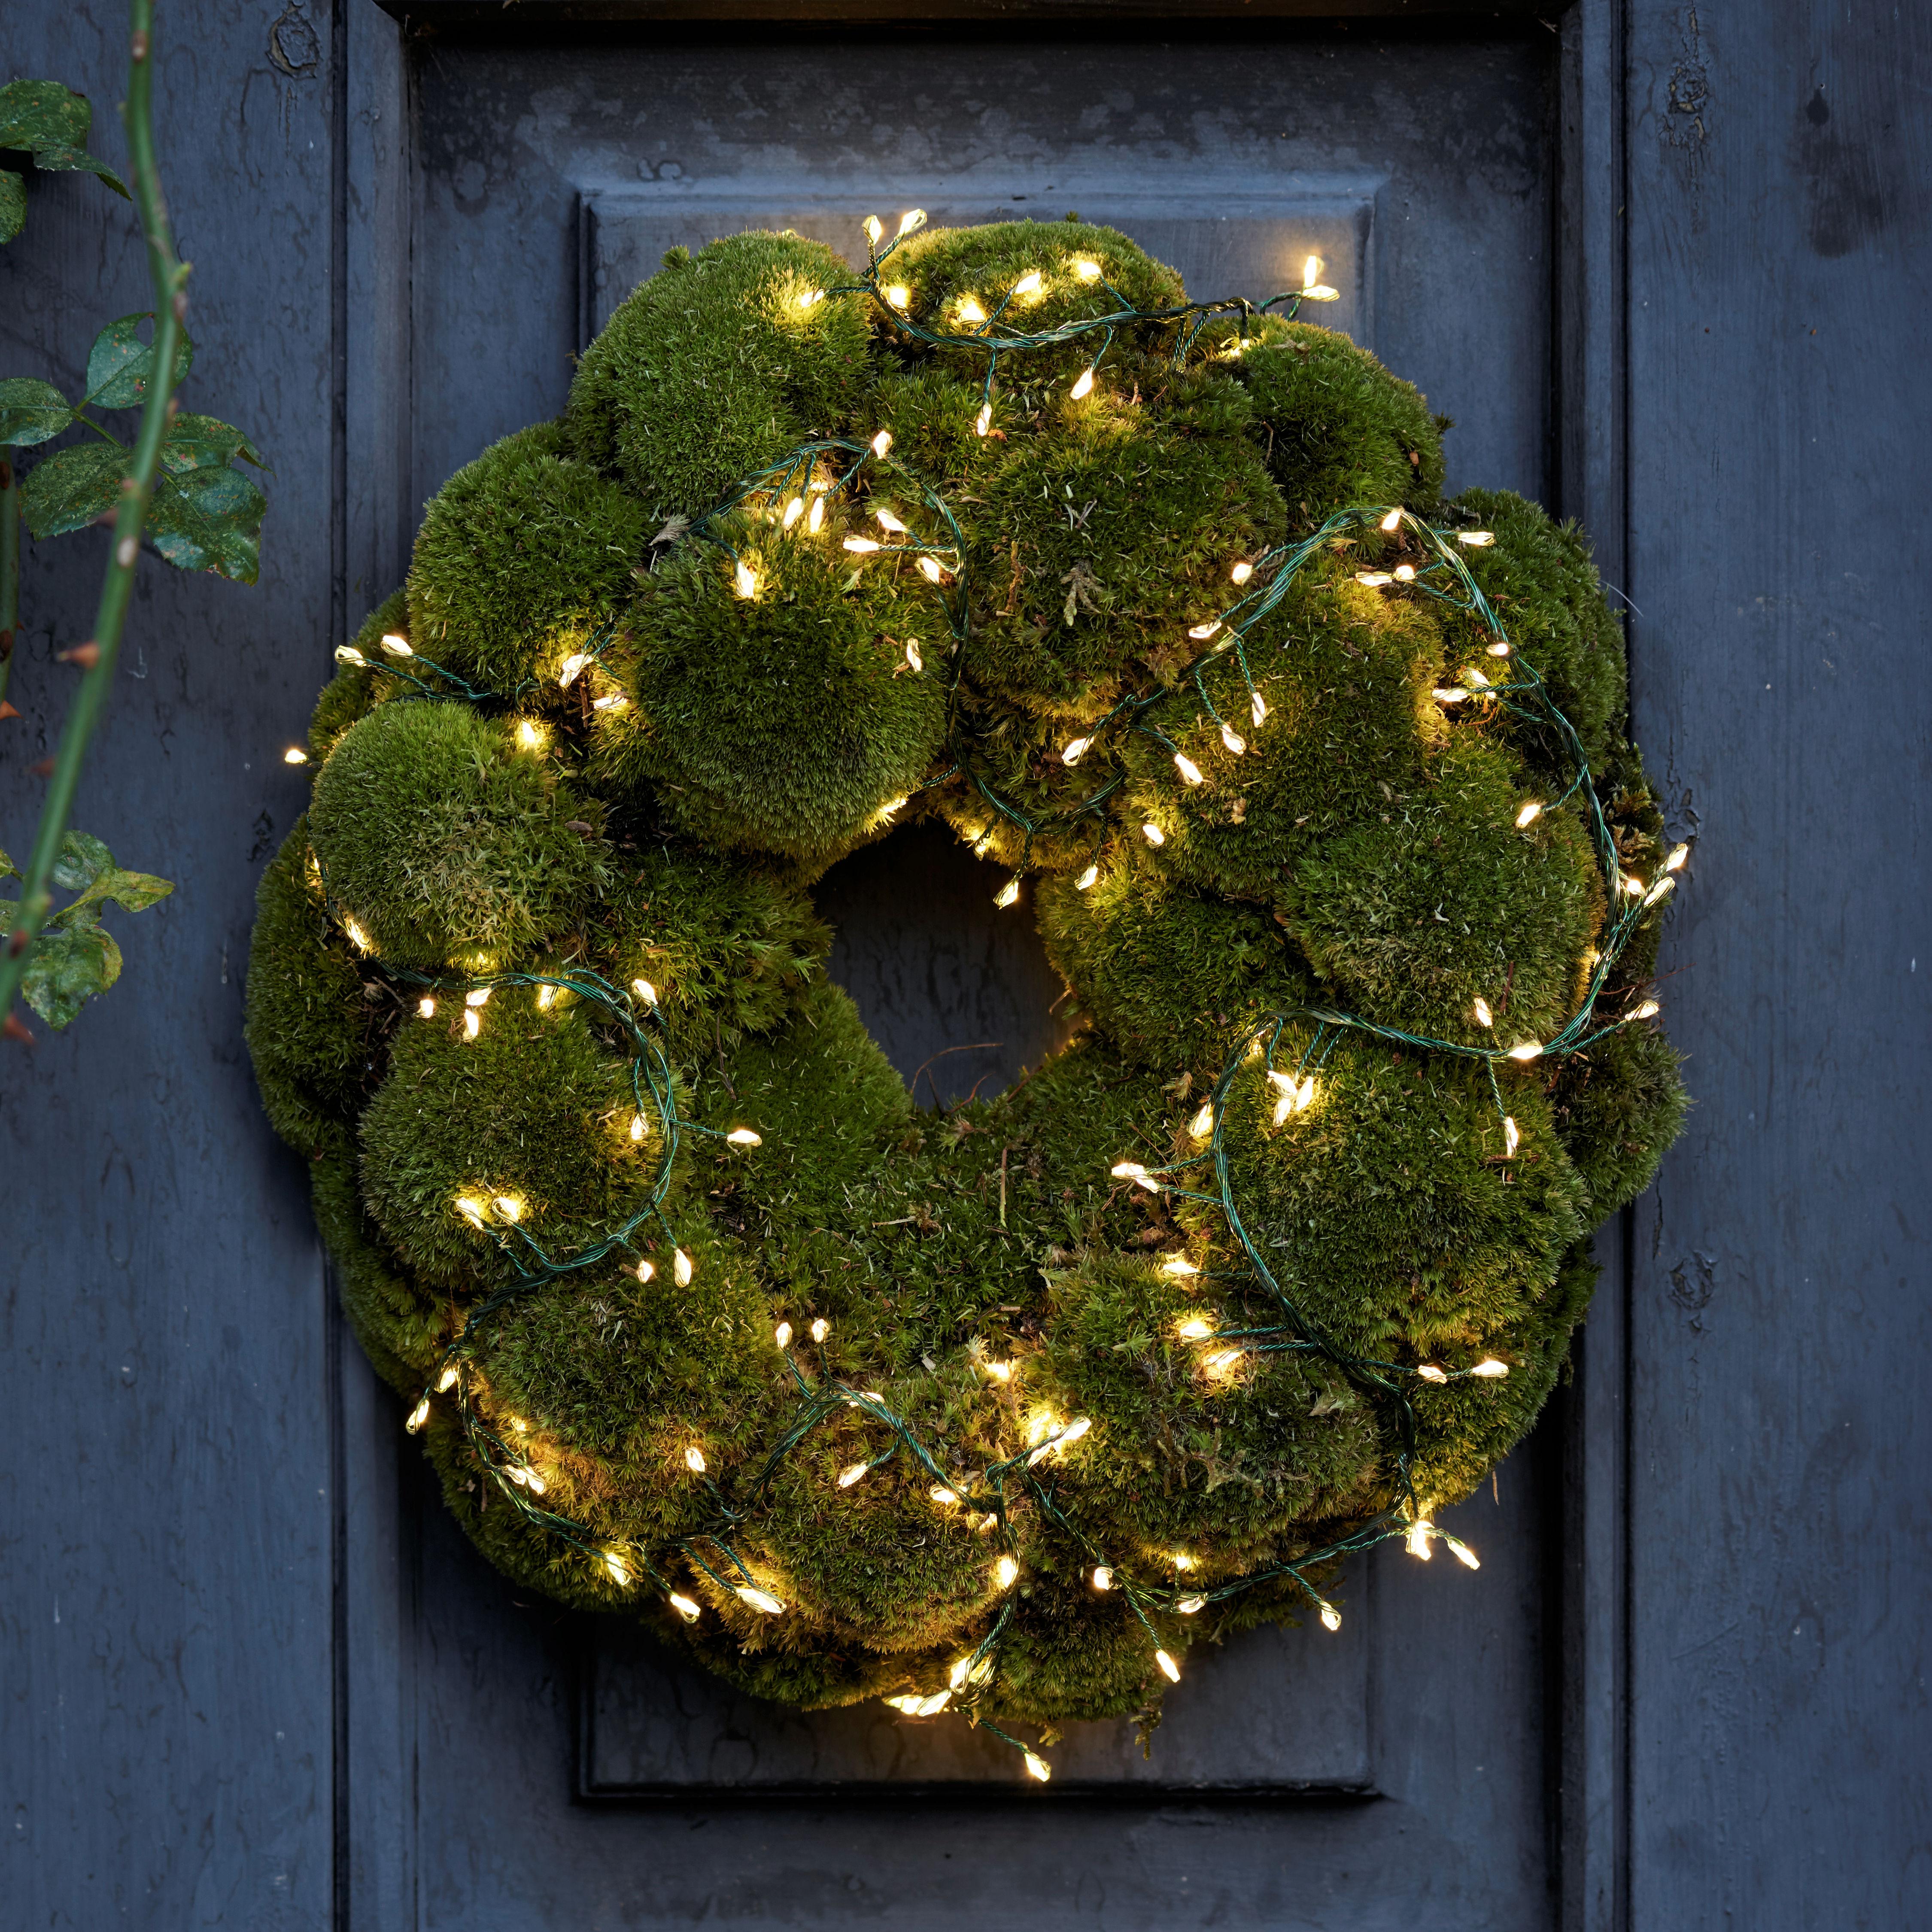 Weihnachtsbeleuchtung Tropfen.Sirius Tropfen Büschel Lichterkette Knirke Cluster 160 Warmweiße Led